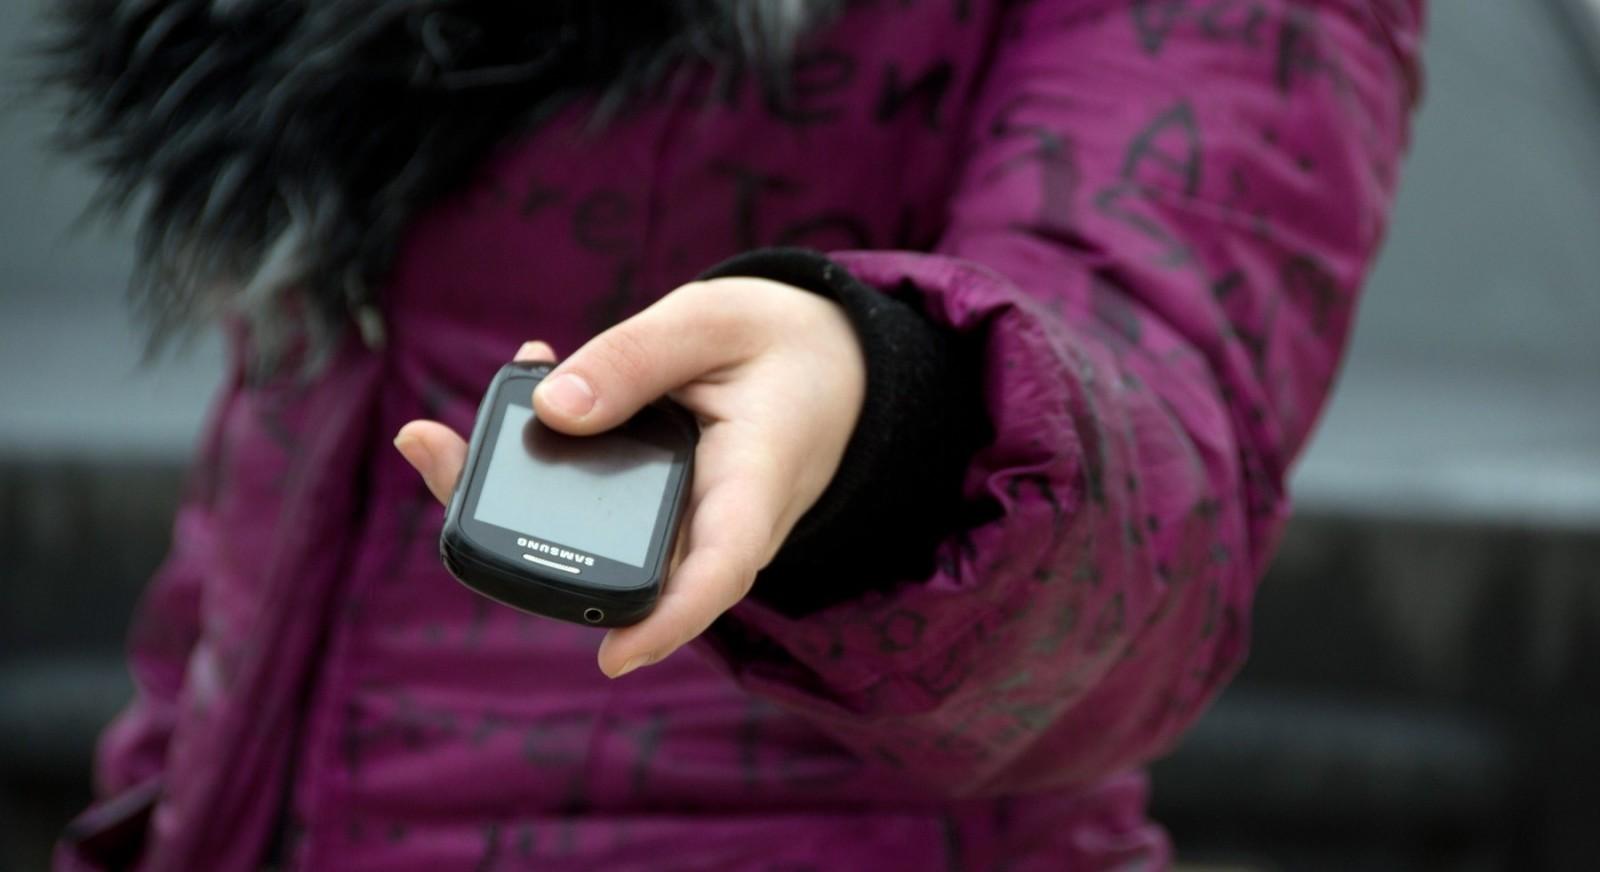 фото найденных мобилок цвета органично